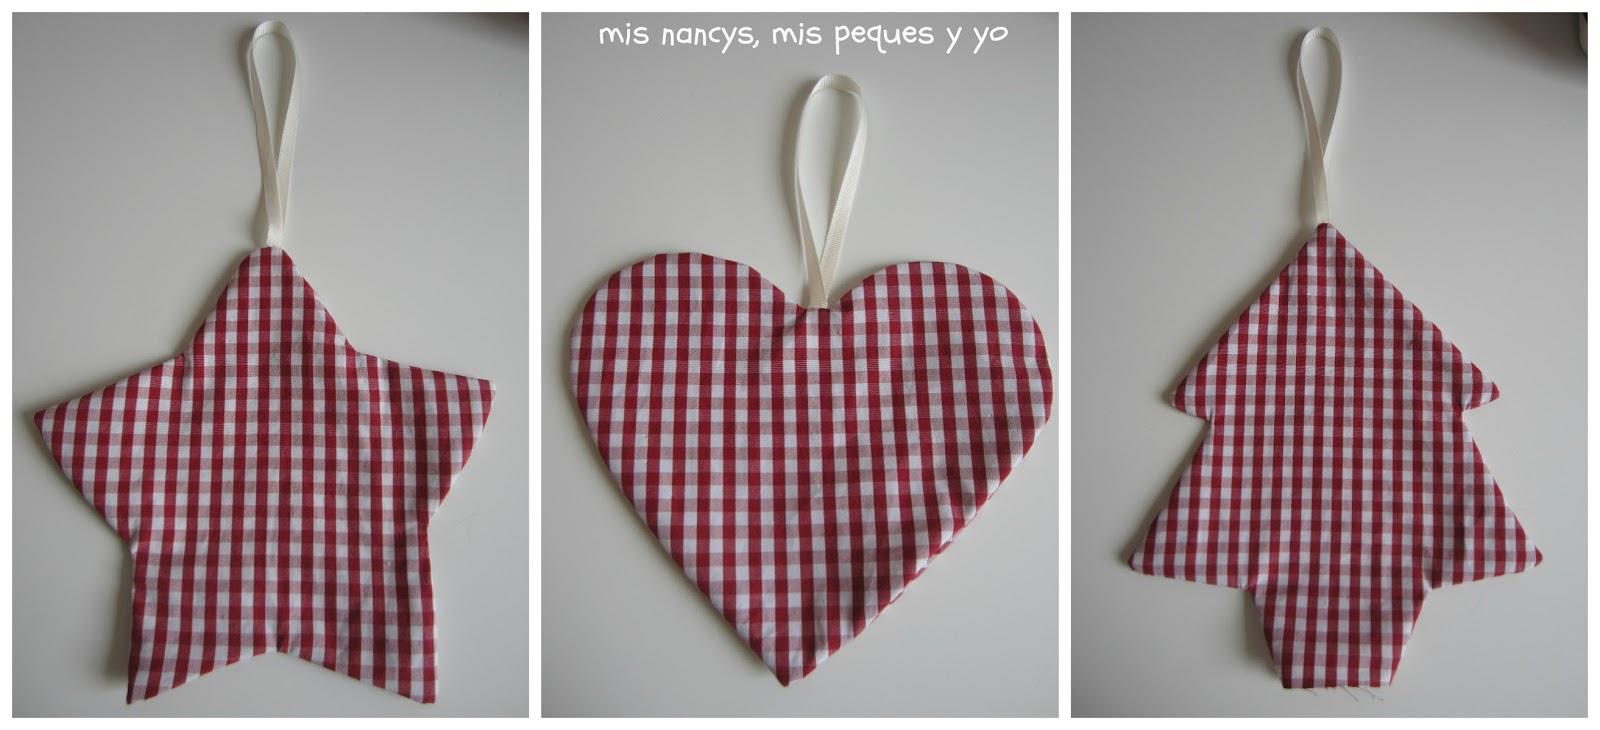 mis nancys, mis peques y yo, tutorial DIY adornos Navidad, planchar estrella, corazón y árbol